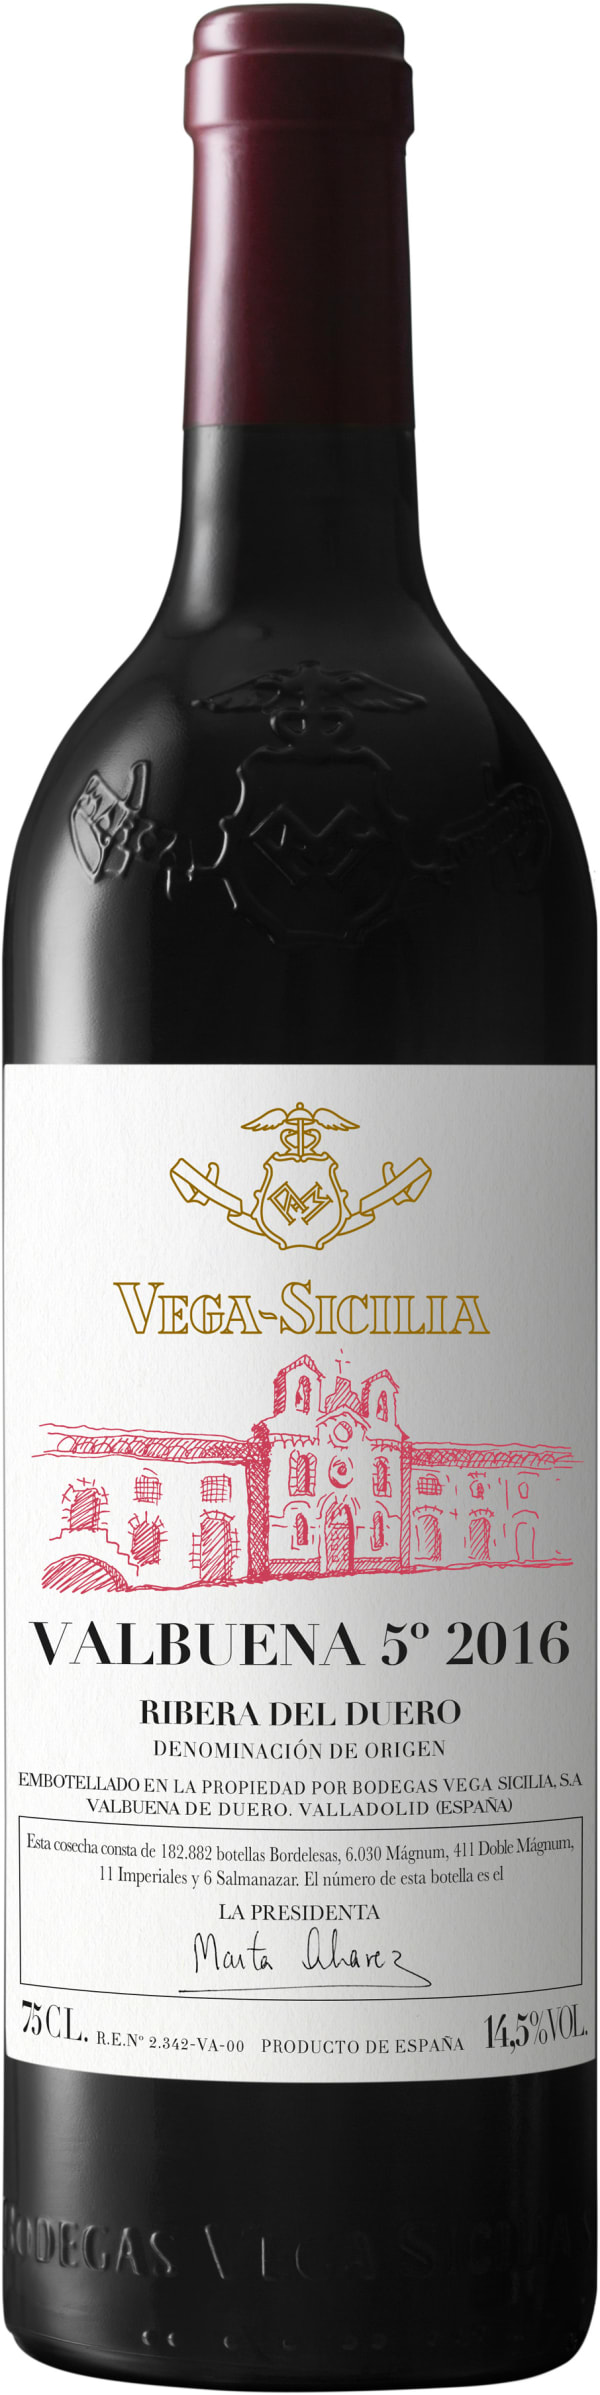 Vega-Sicilia Valbuena 5° Magnum 2016